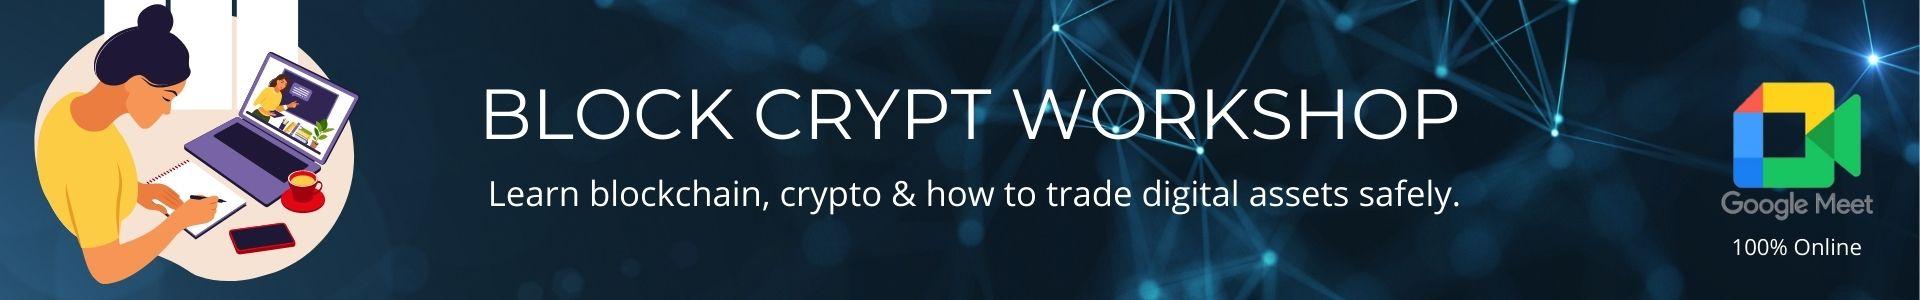 Block Crypt Workshop Enrollment Form Page Header